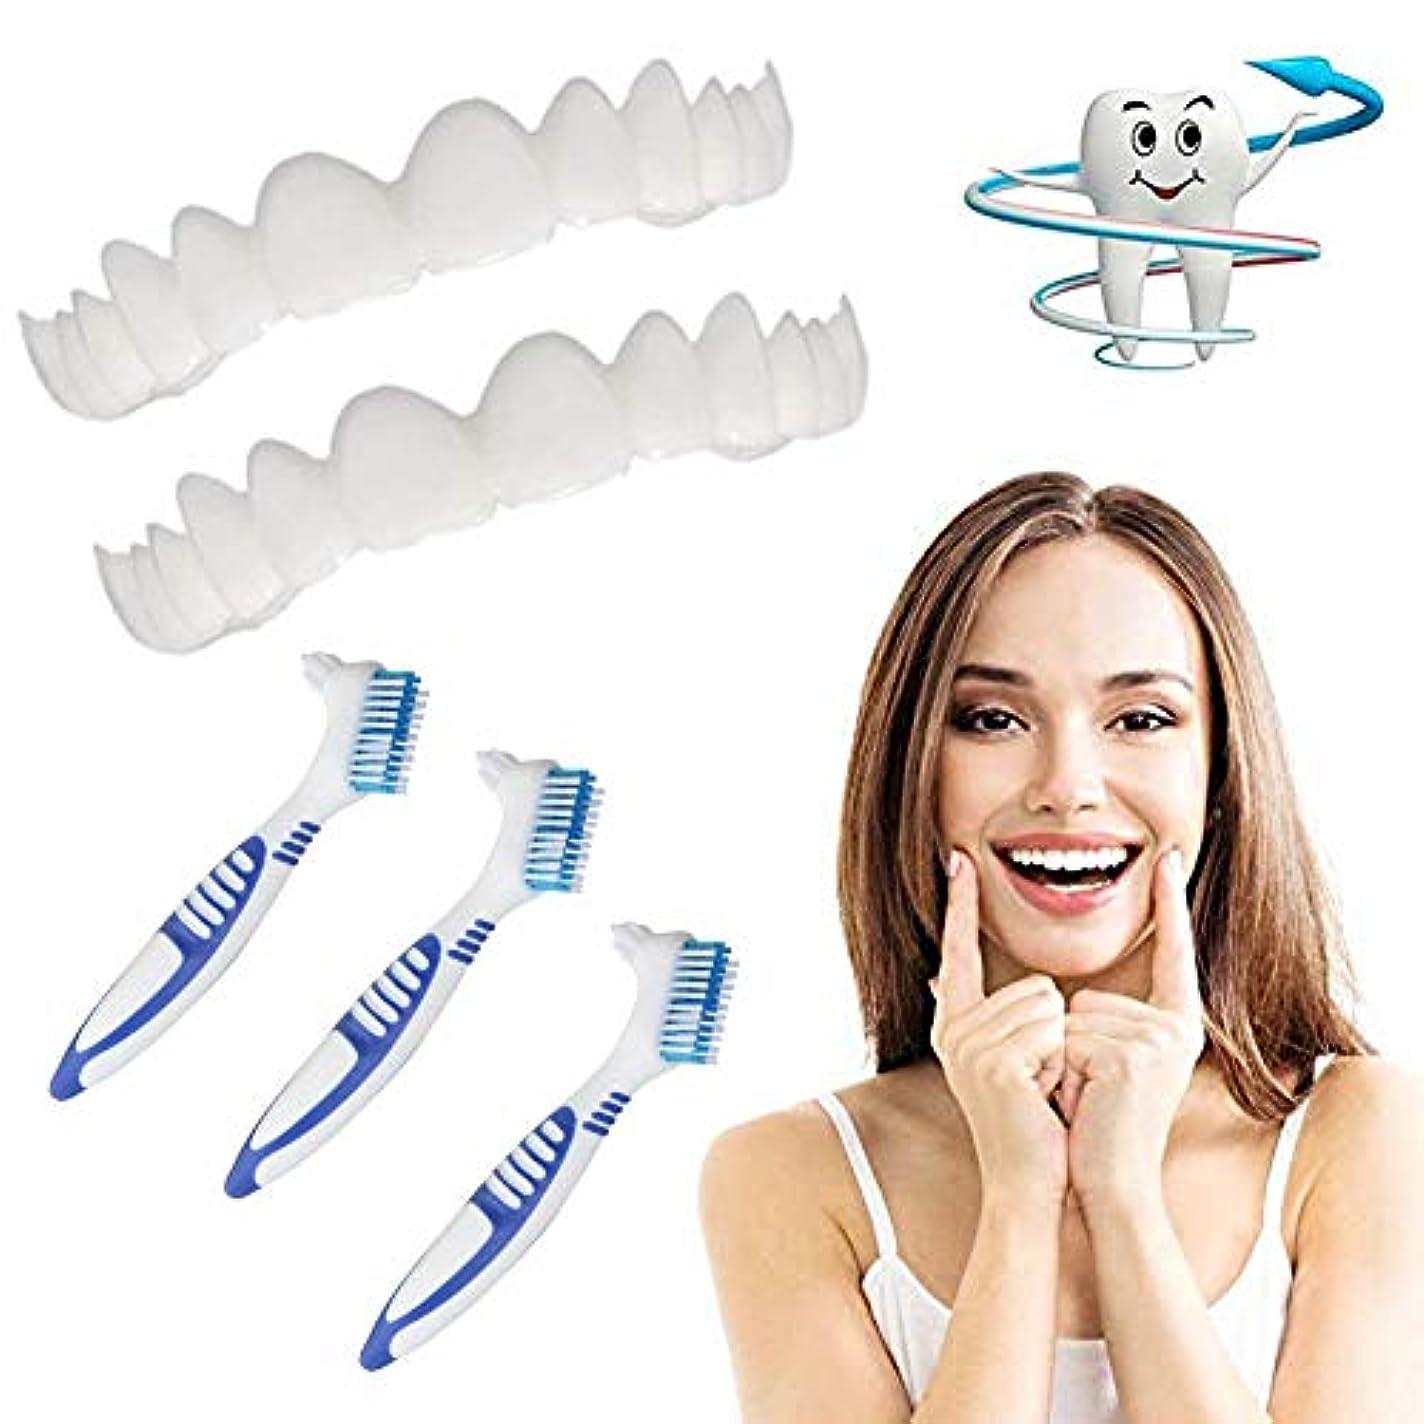 クルーズスクリーチ急速な3pcsの大人のスナップ下の歯のパーフェクトスマイルホワイトニング義歯フィットフレックス化粧歯快適なベニヤカバーデンタルケアアクセサリー